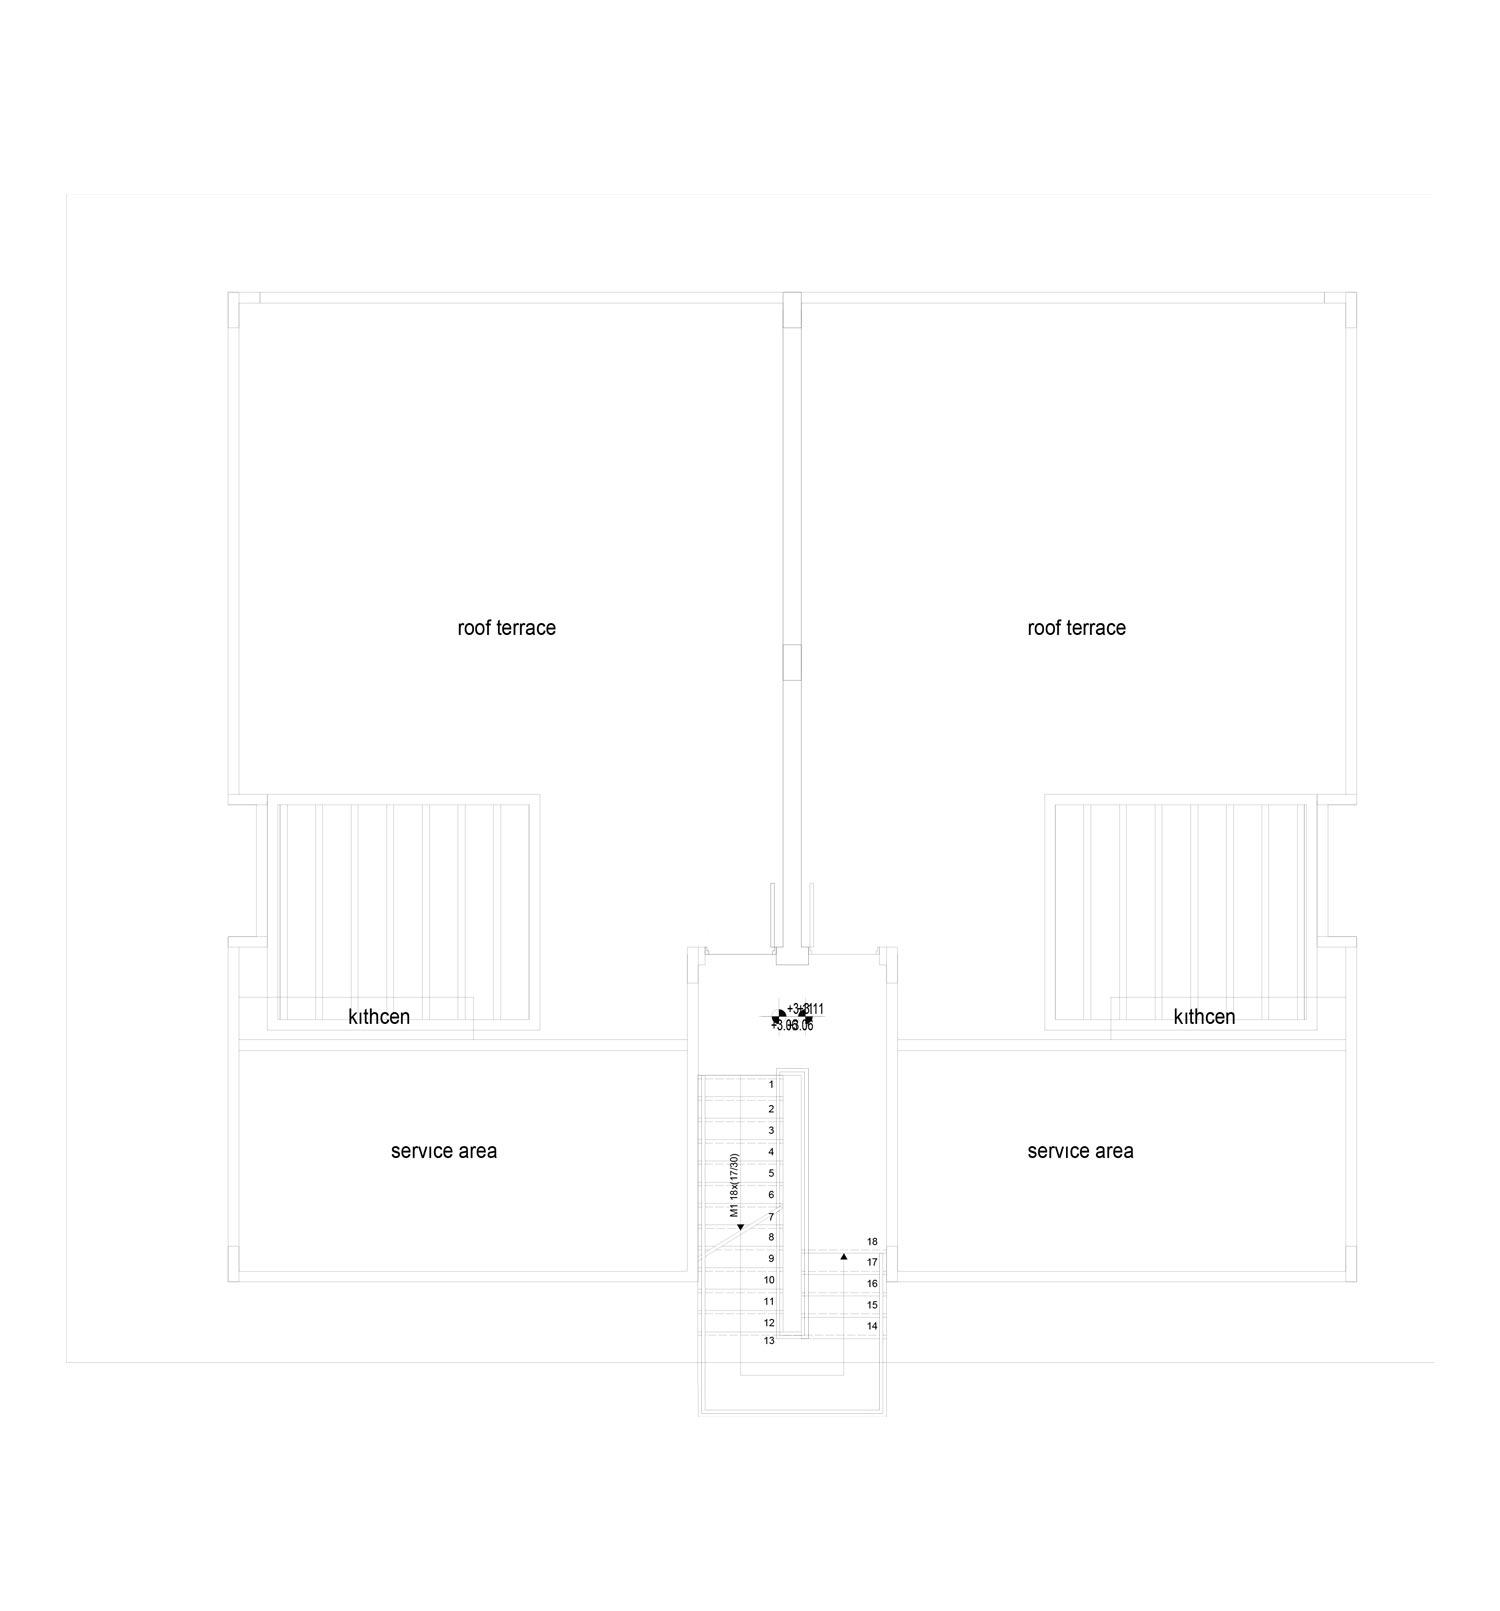 Block 10 - apt no: 3 & 4 - roof terraces